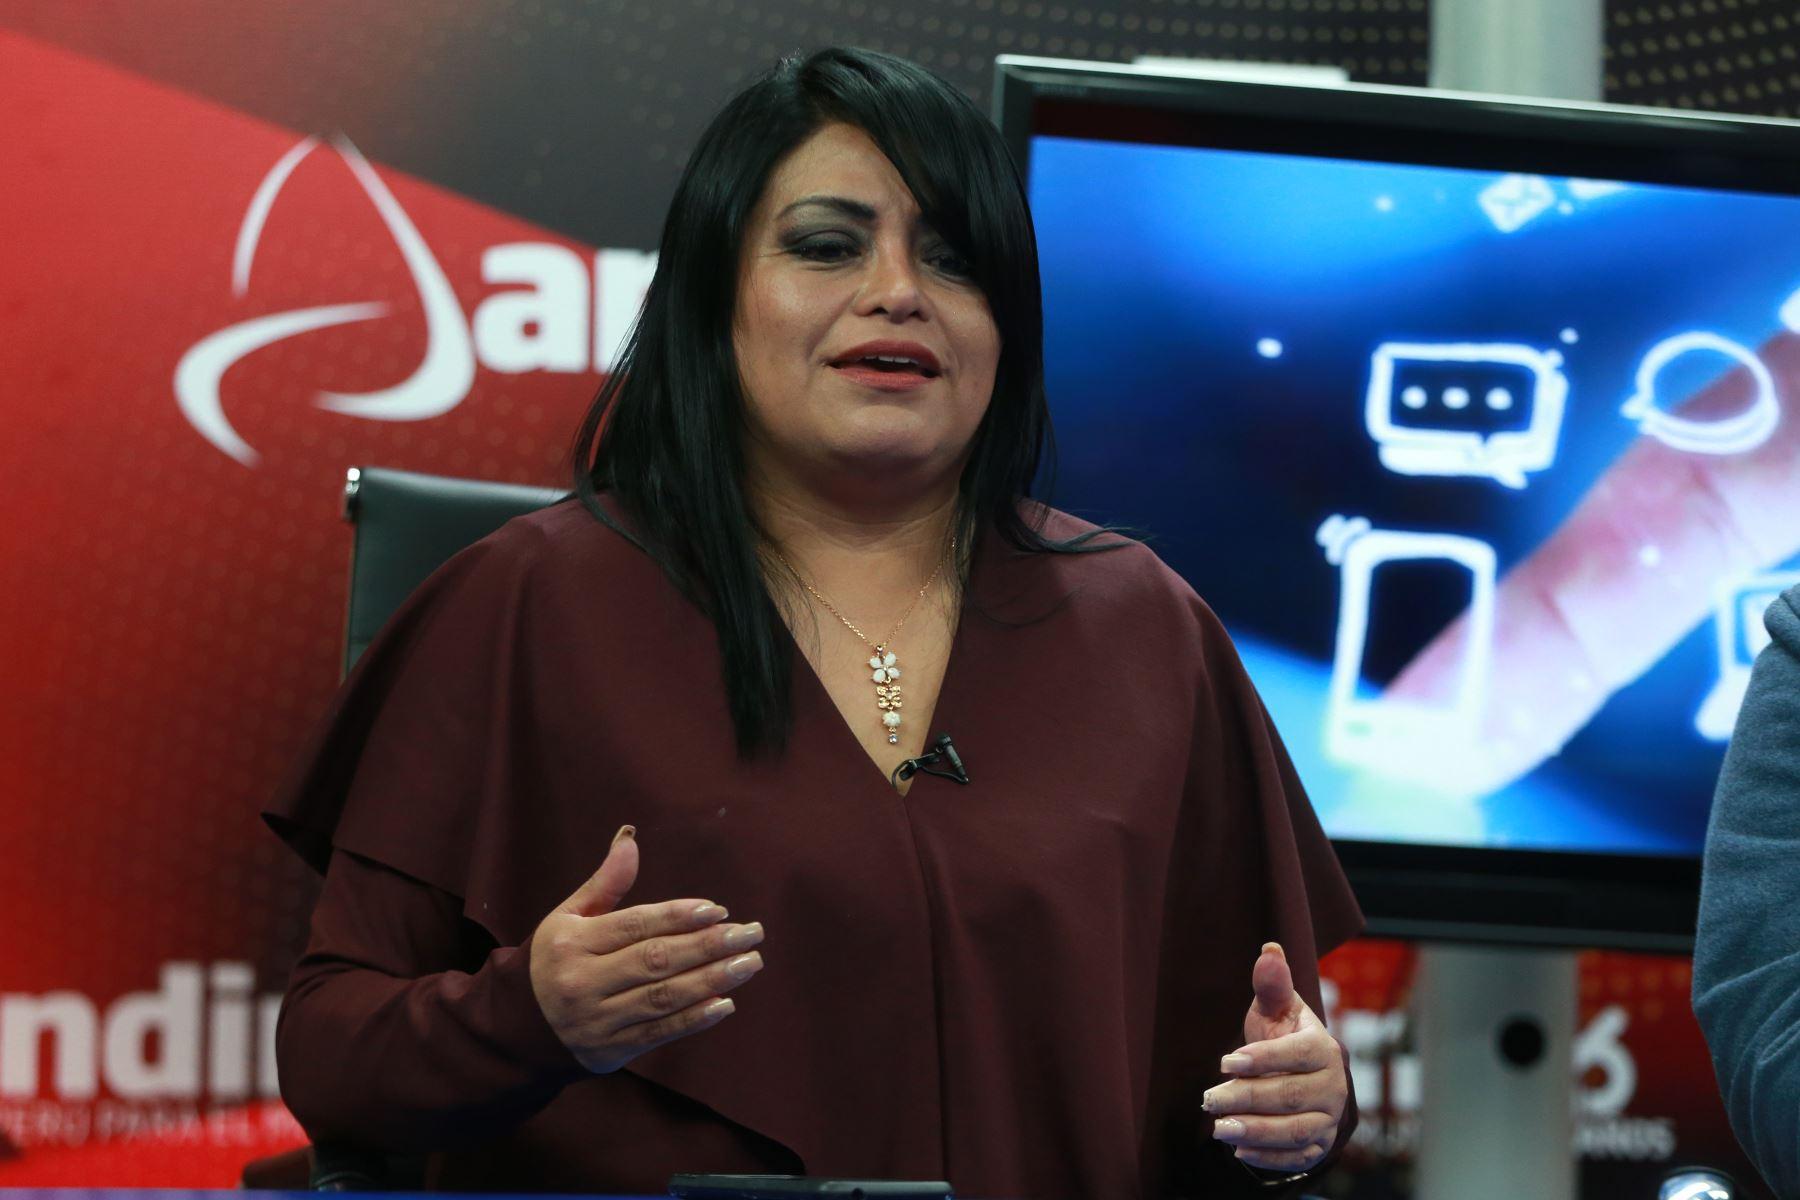 Presidenta de la Asociación Fintech Perú, María Laura Cuya. ANDINA/Vidal Tarqui